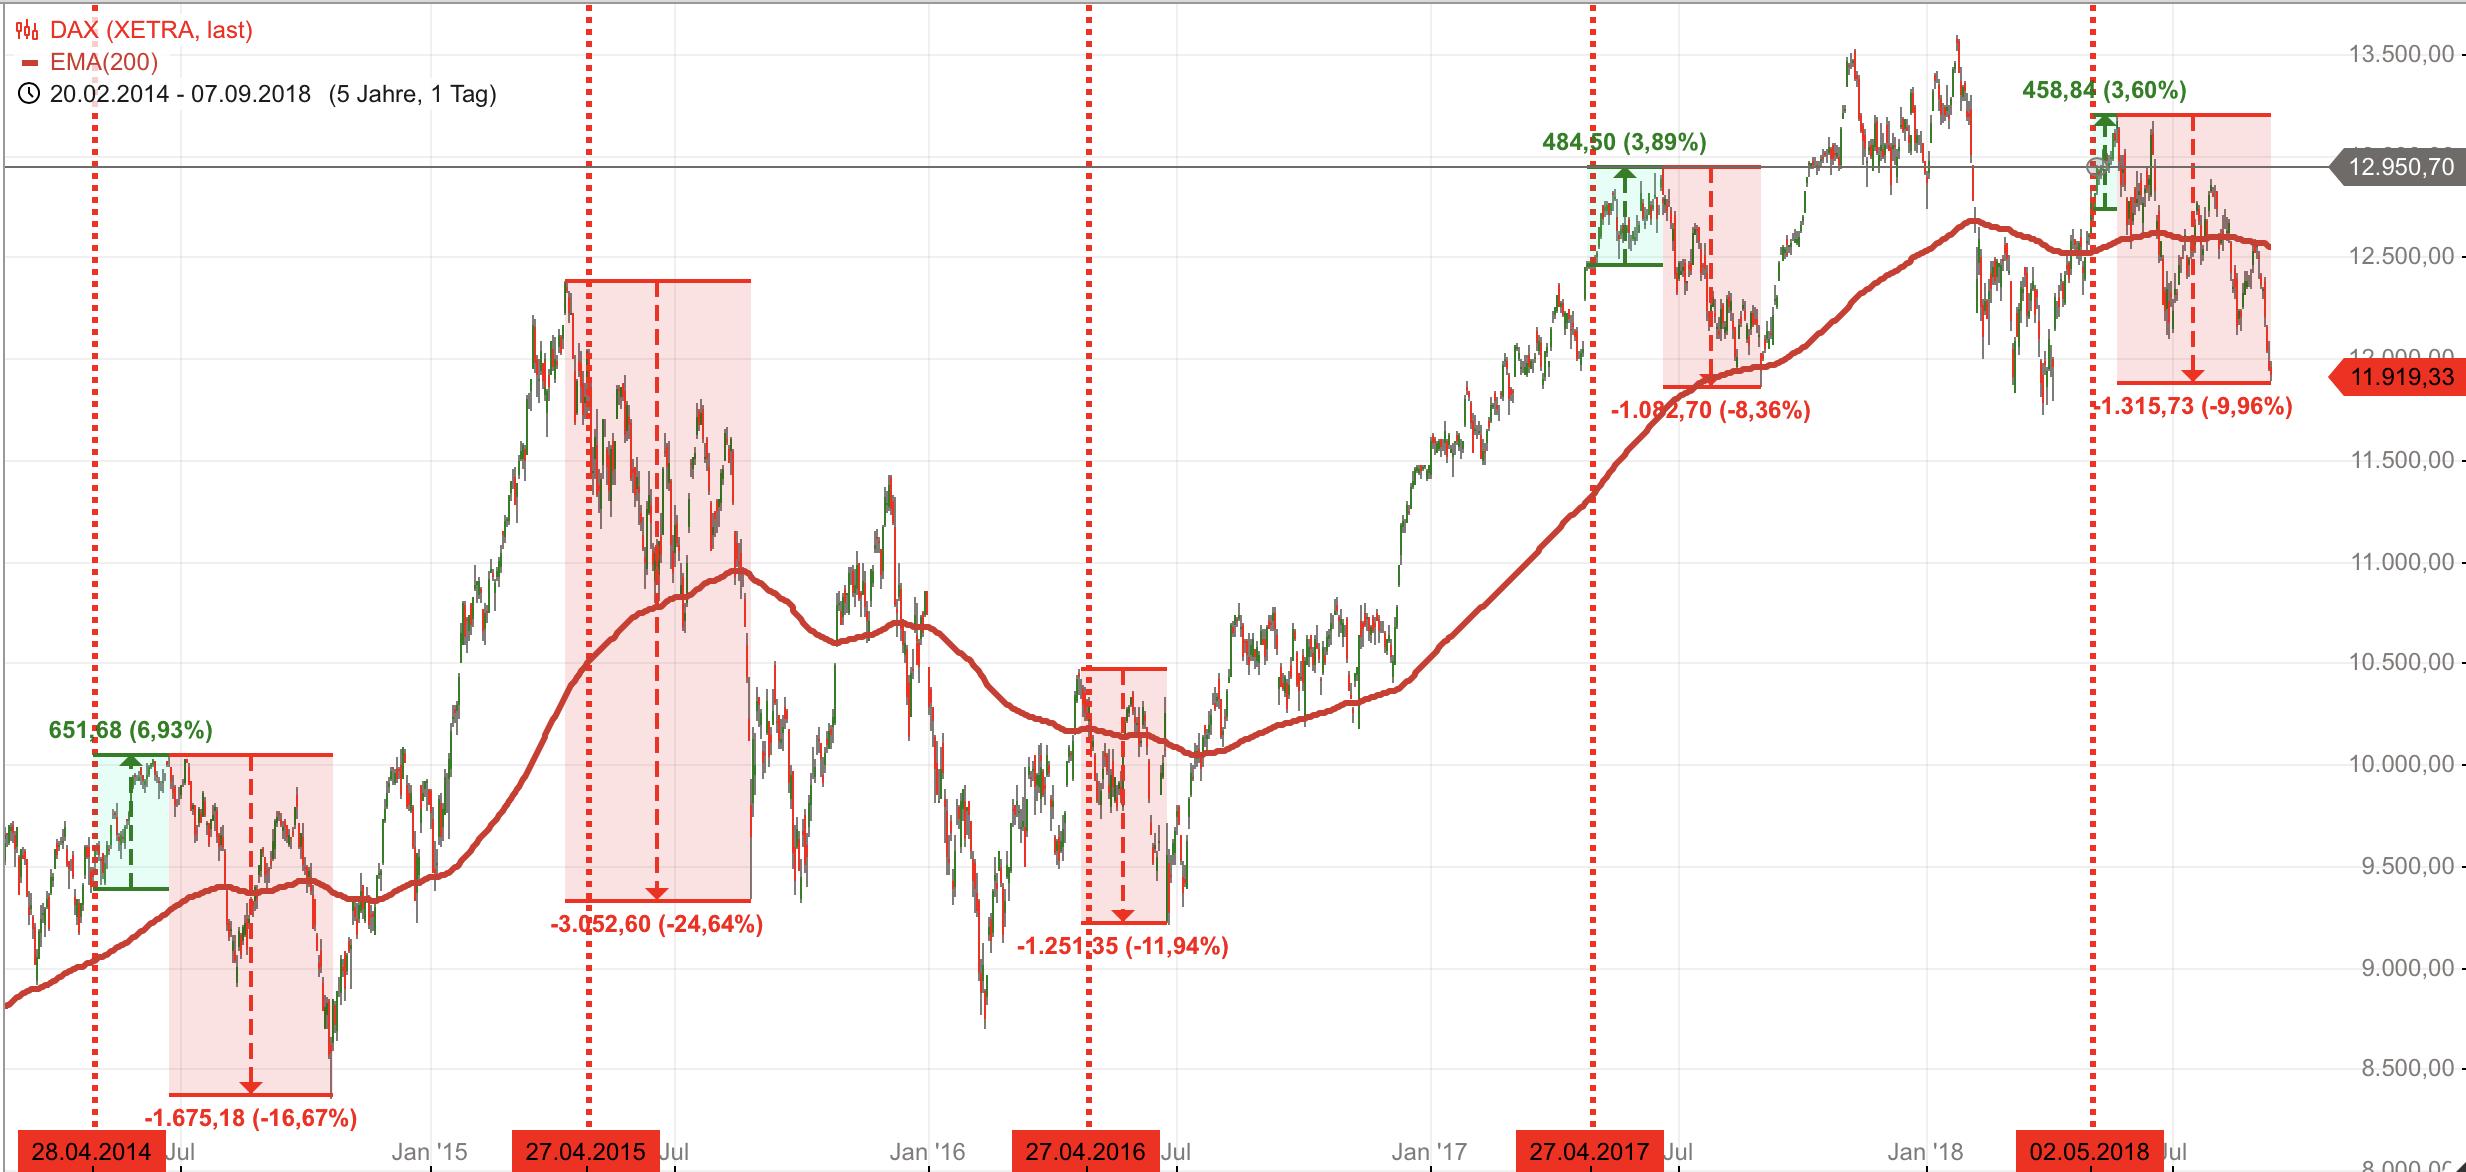 DAX-Saisonalität-Sell-in-May-Phase-geht-auf-10-Mindestpensum-zu-Chartanalyse-Rocco-Gräfe-GodmodeTrader.de-1